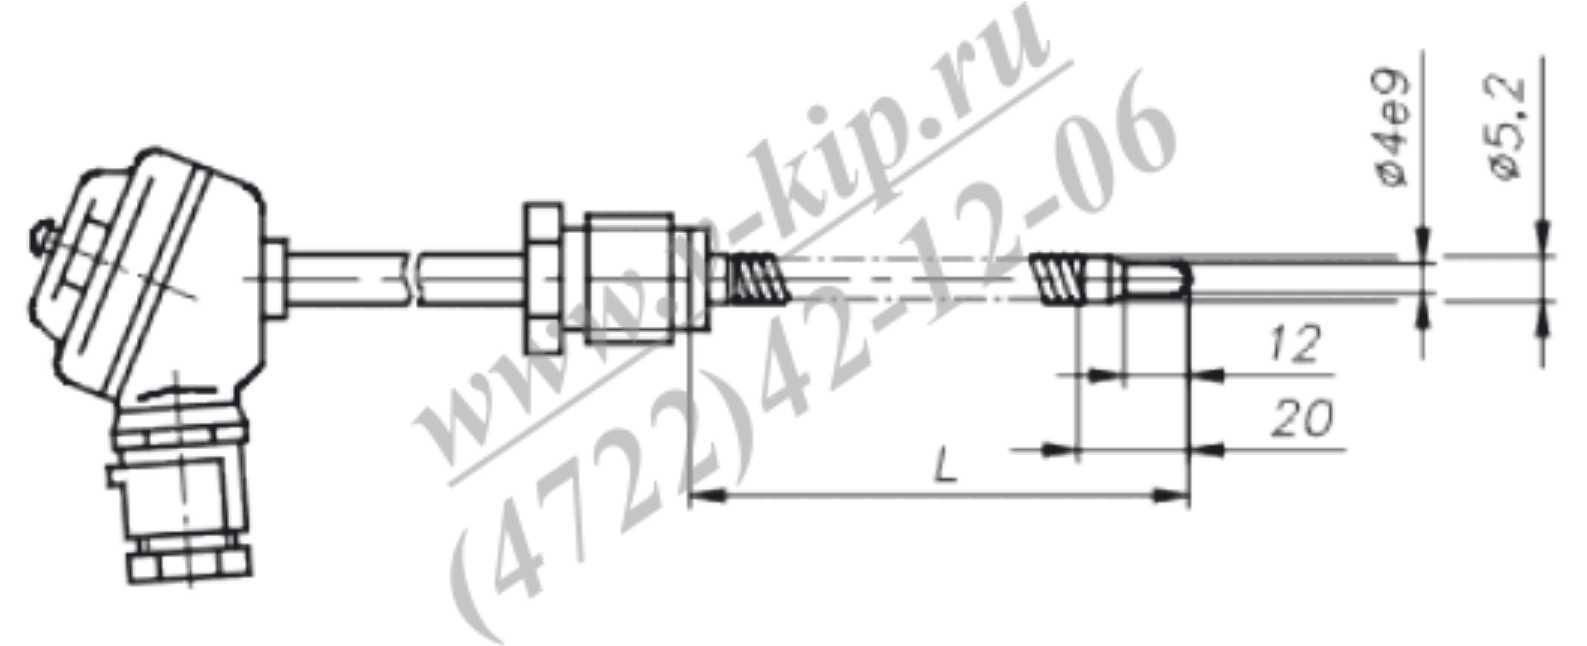 ТХА-1690В, ТХК-1690В термопреобразователи - габаритная схема 6